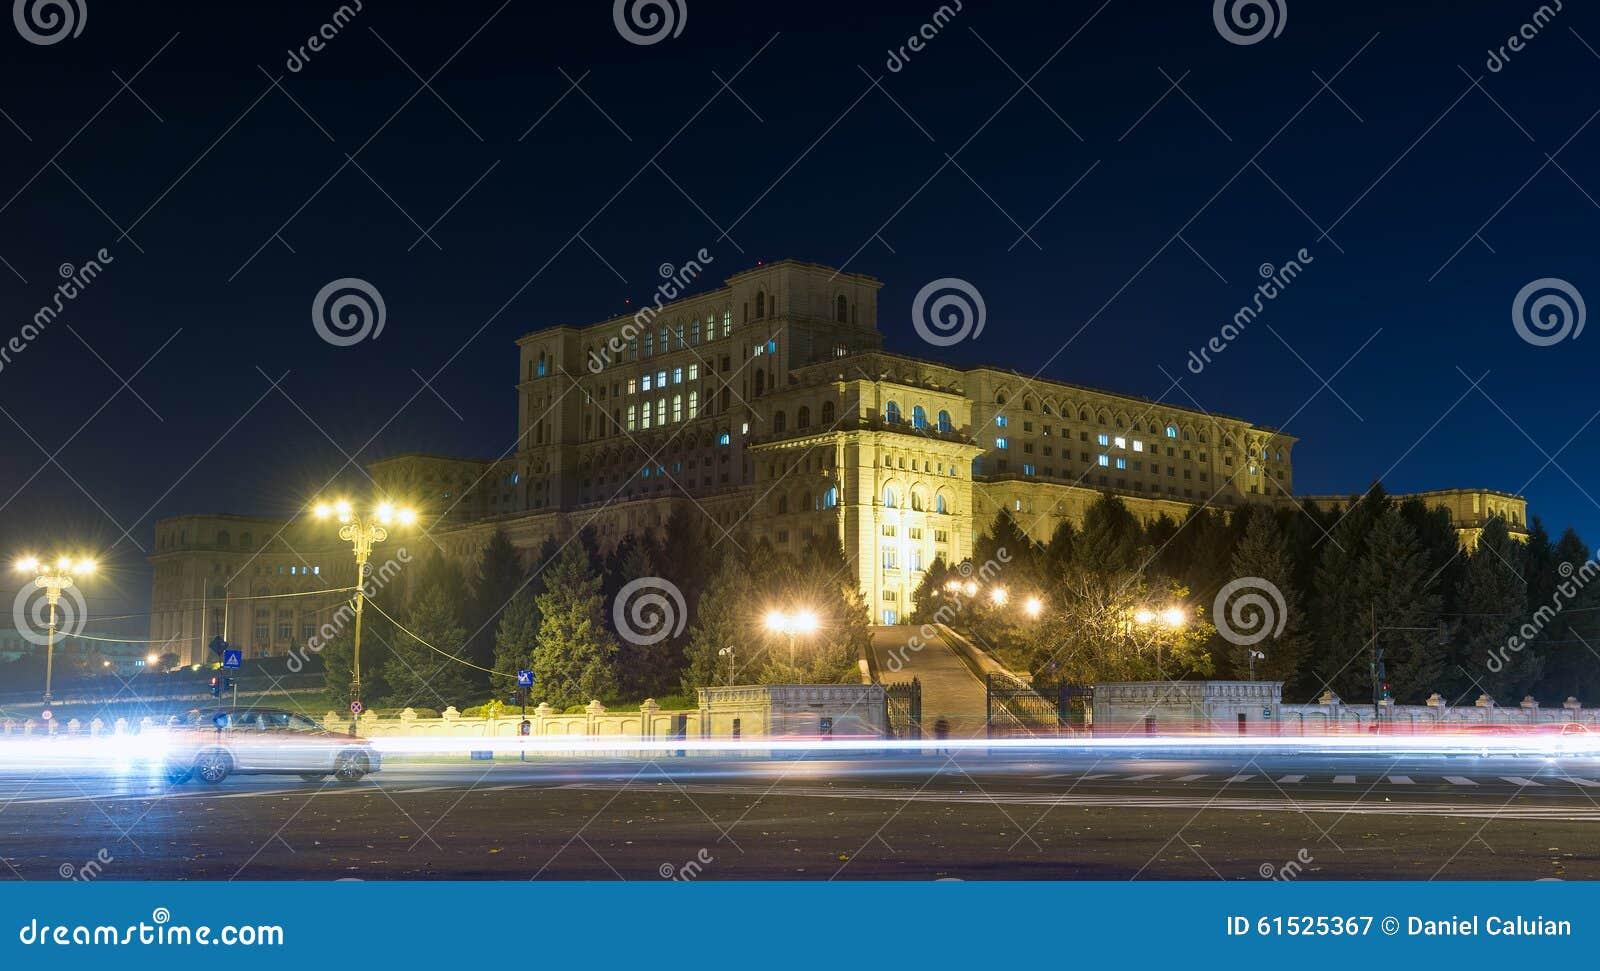 Het paleis van het het parlement of van mensen huis bij nacht redactionele fotografie - Het upgraden van m ...